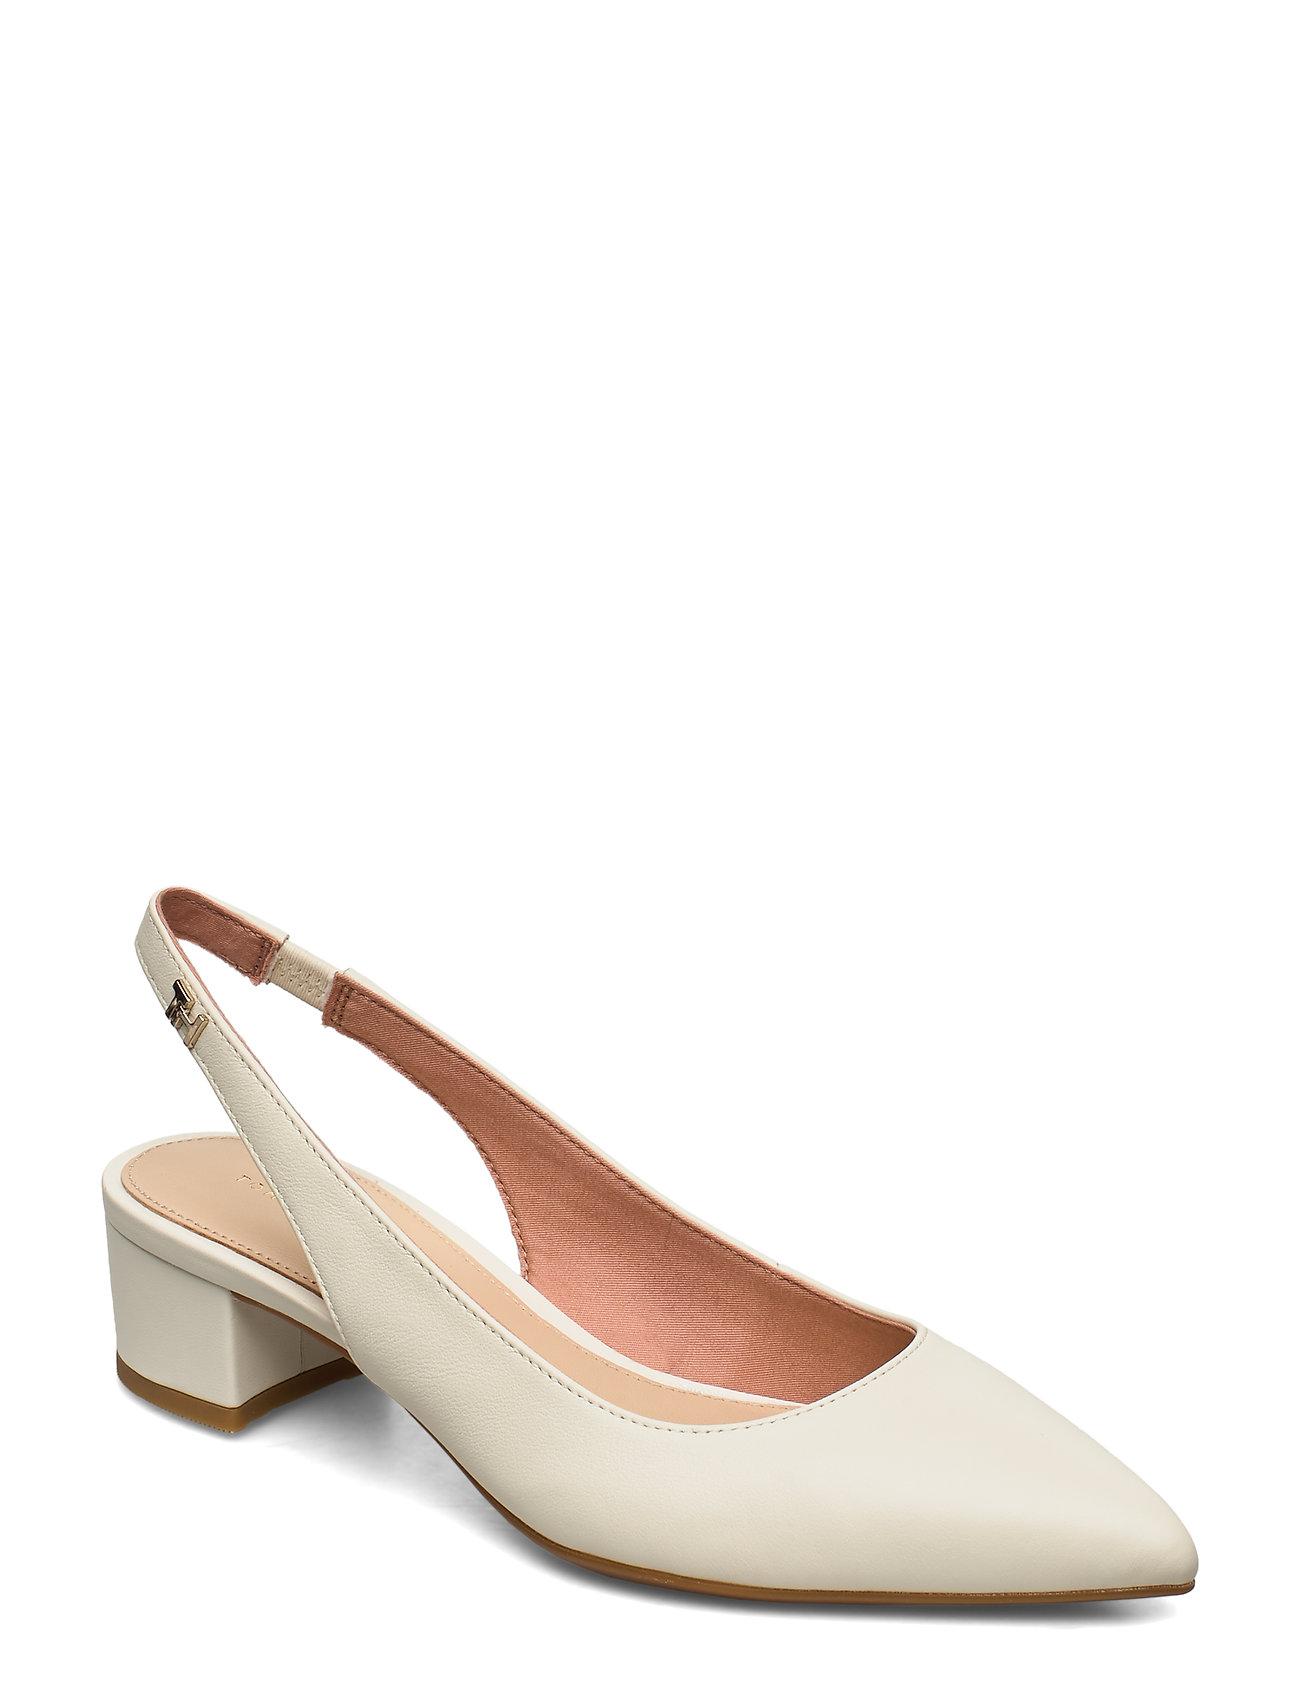 Image of Feminine Leather Mid Heel Pump Shoes Heels Pumps Sling Backs Hvid Tommy Hilfiger (3356555369)